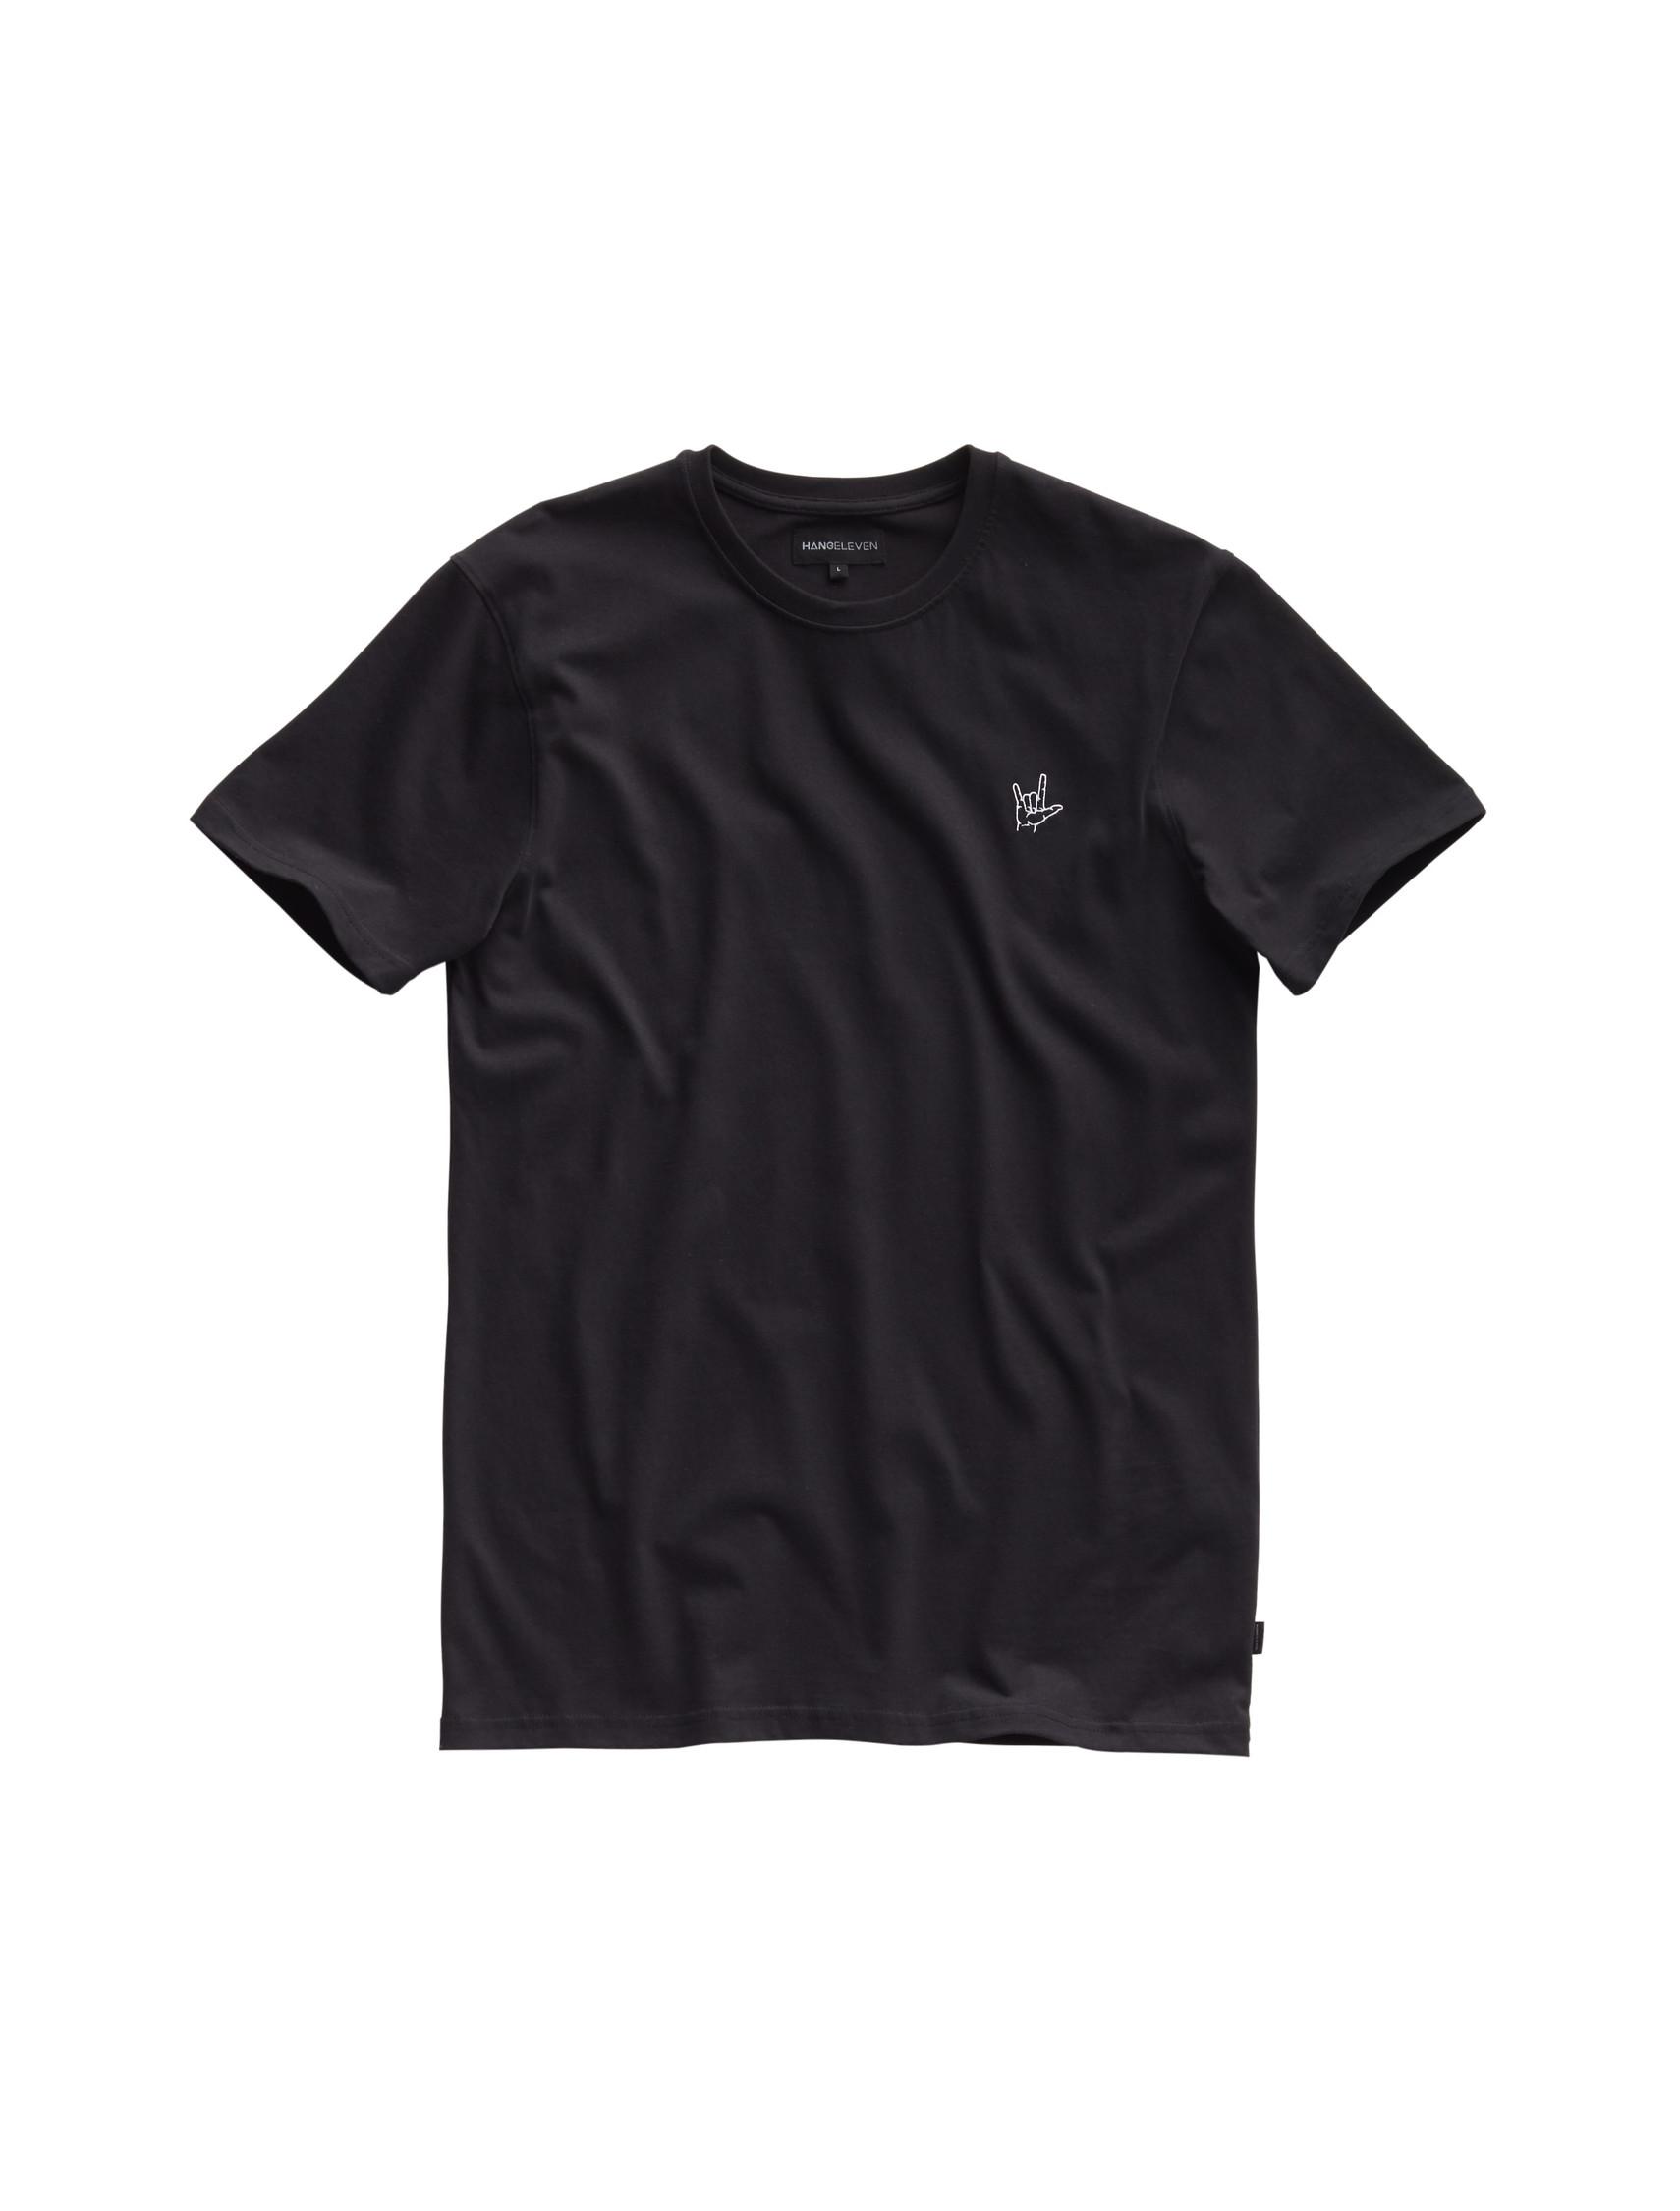 Love Sign Tee - Black (last sizes)